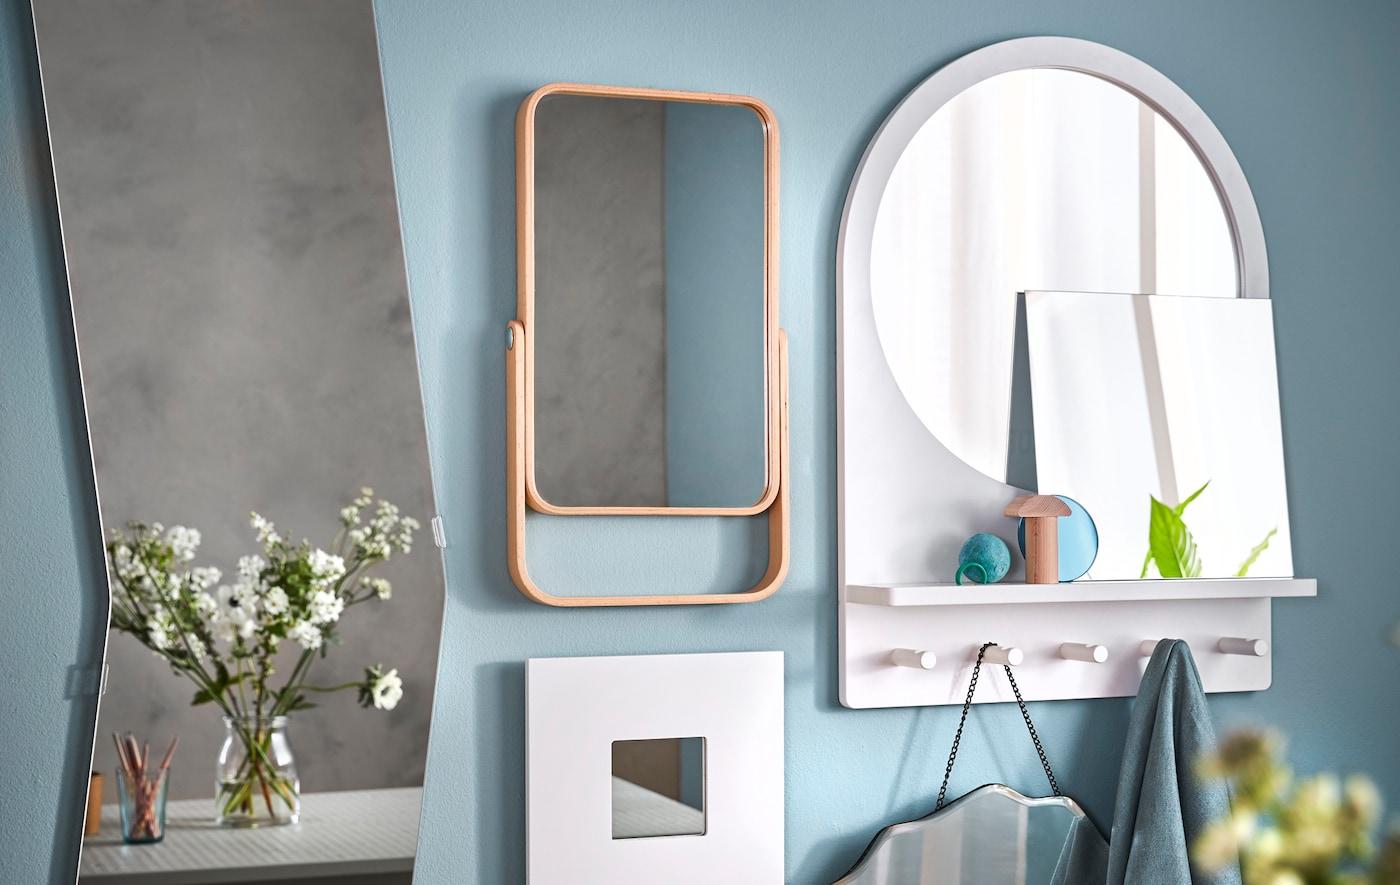 Gestalte dir eine individuelle Spiegelcollage, z. B. mit IKEA MALMA Spiegel in Weiß!